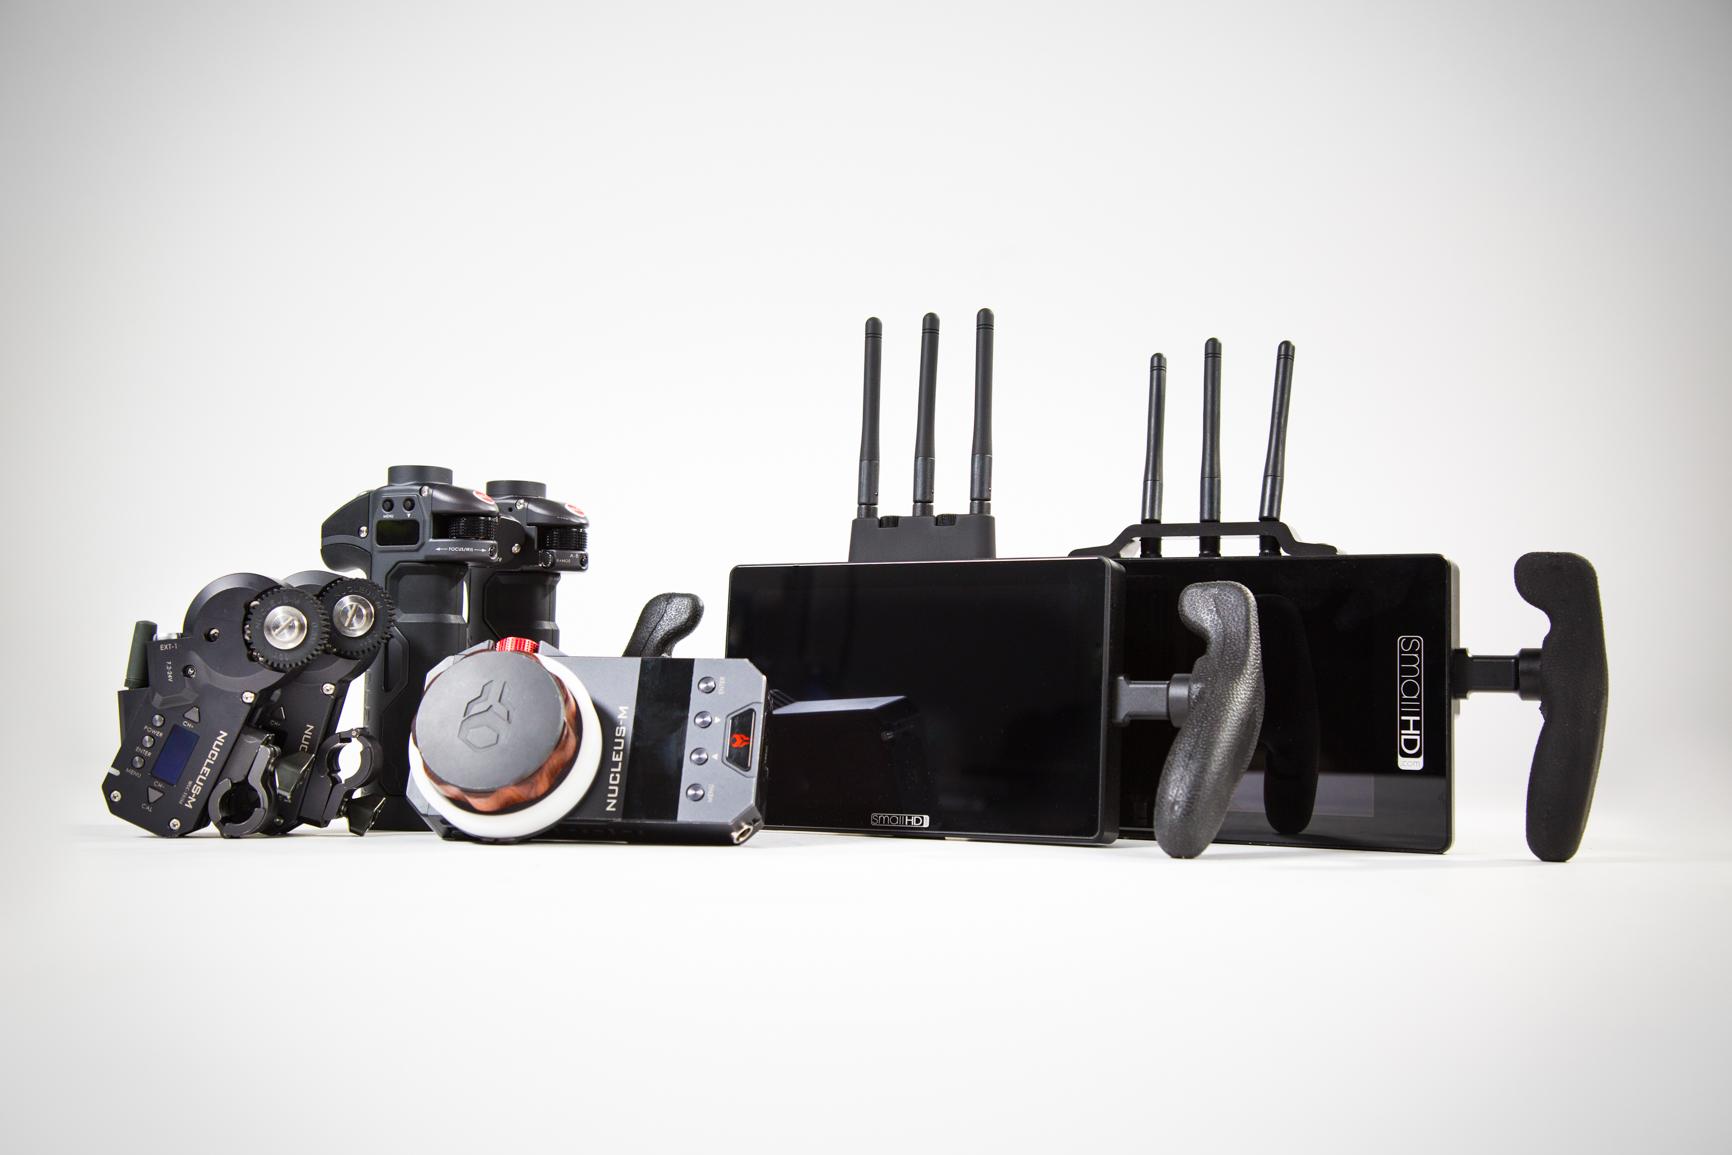 Tilta Nucleus M, SmallHD Cine 7 & SmallHD 703 Kit